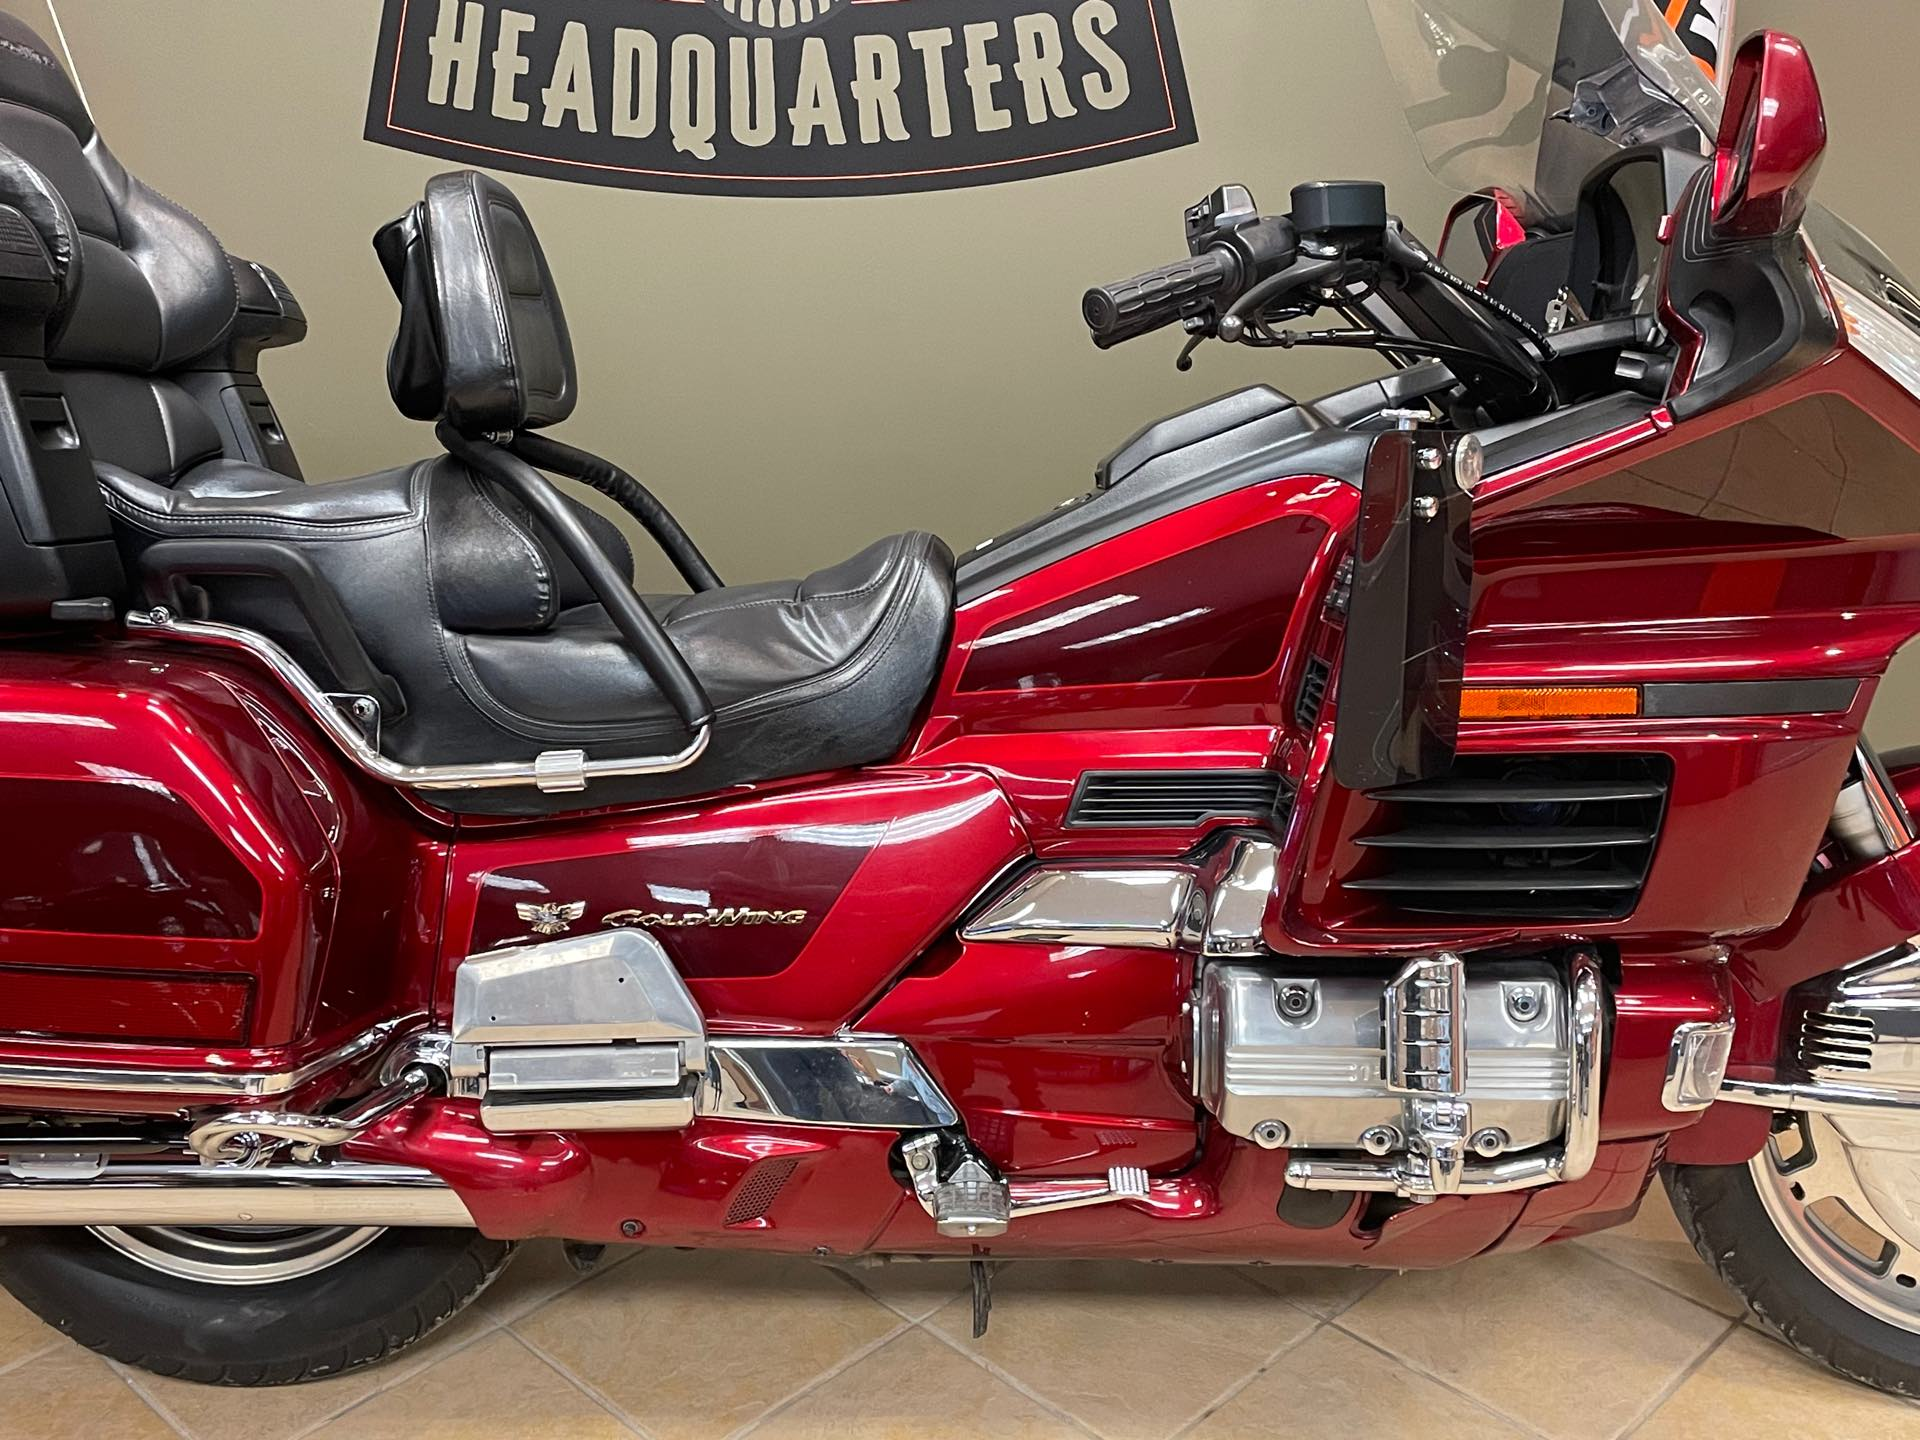 1999 HONDA GL1500 at Loess Hills Harley-Davidson